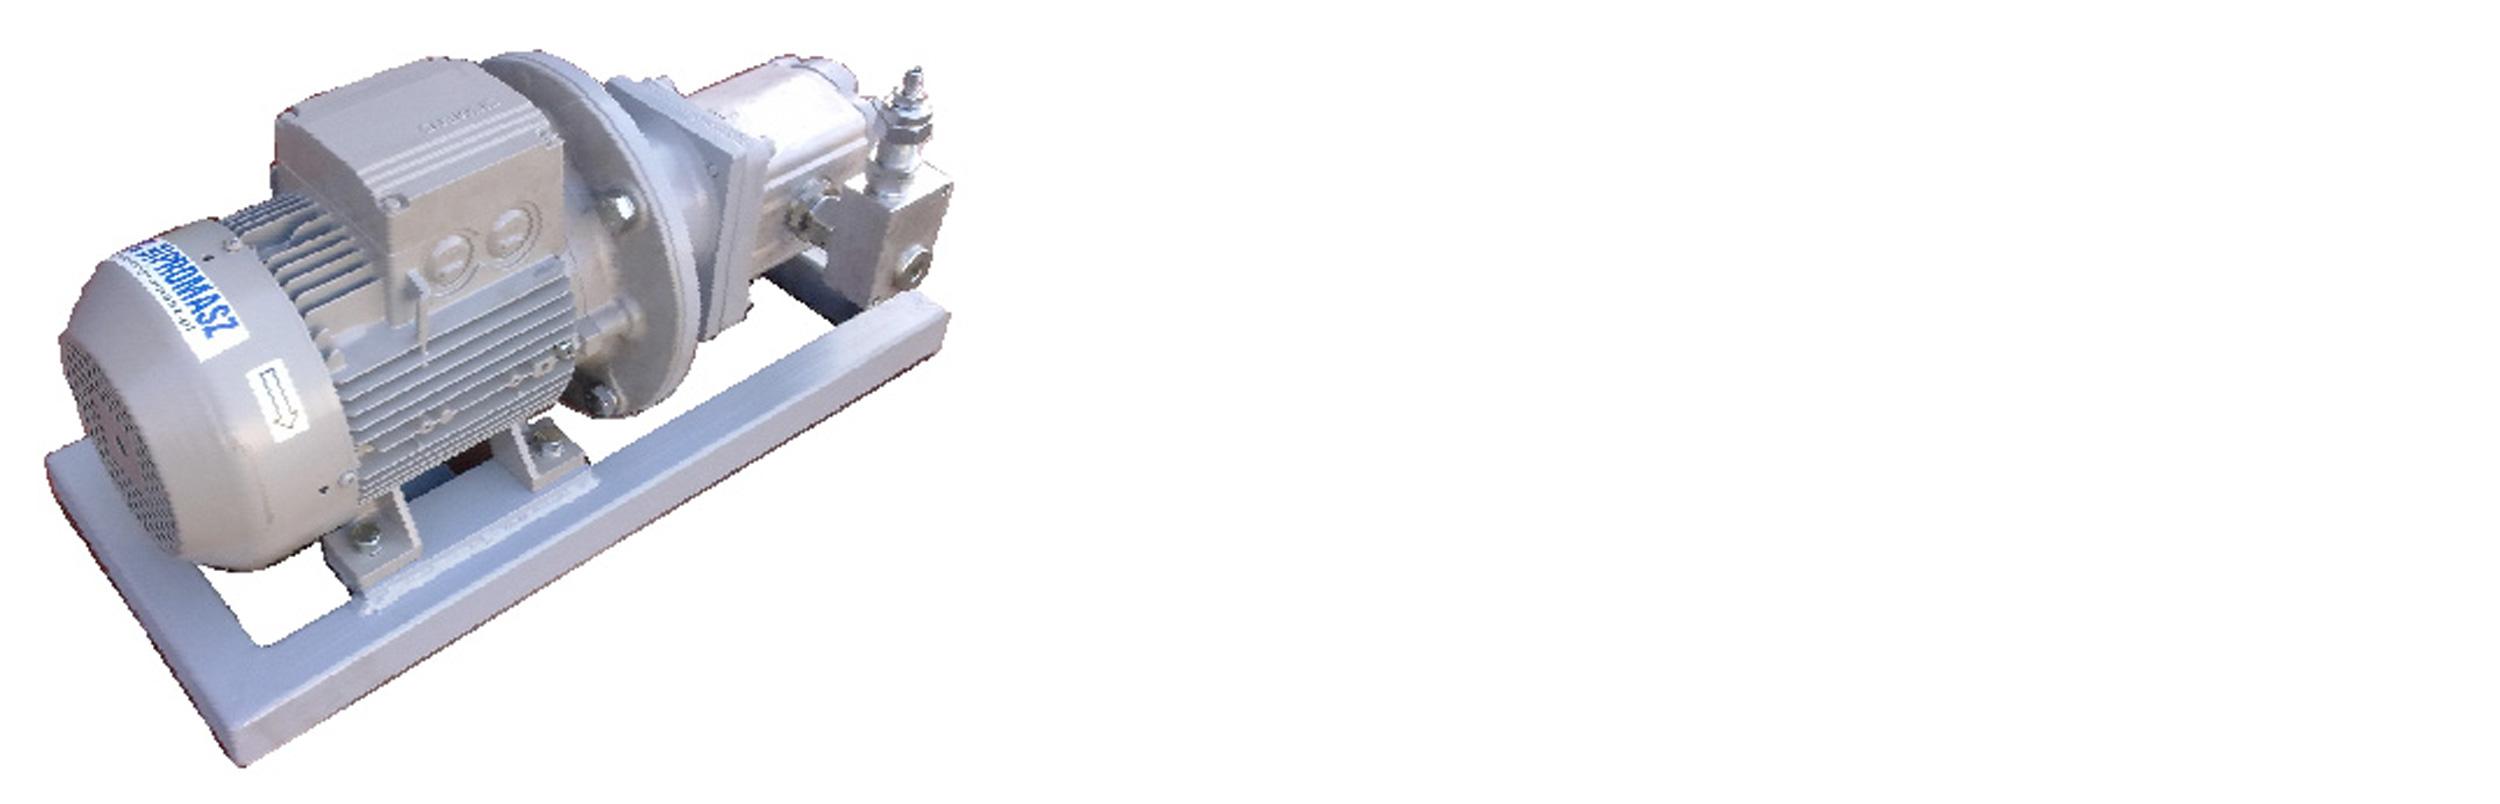 Zespoły pompowe ZPB produkcji Bipromasz